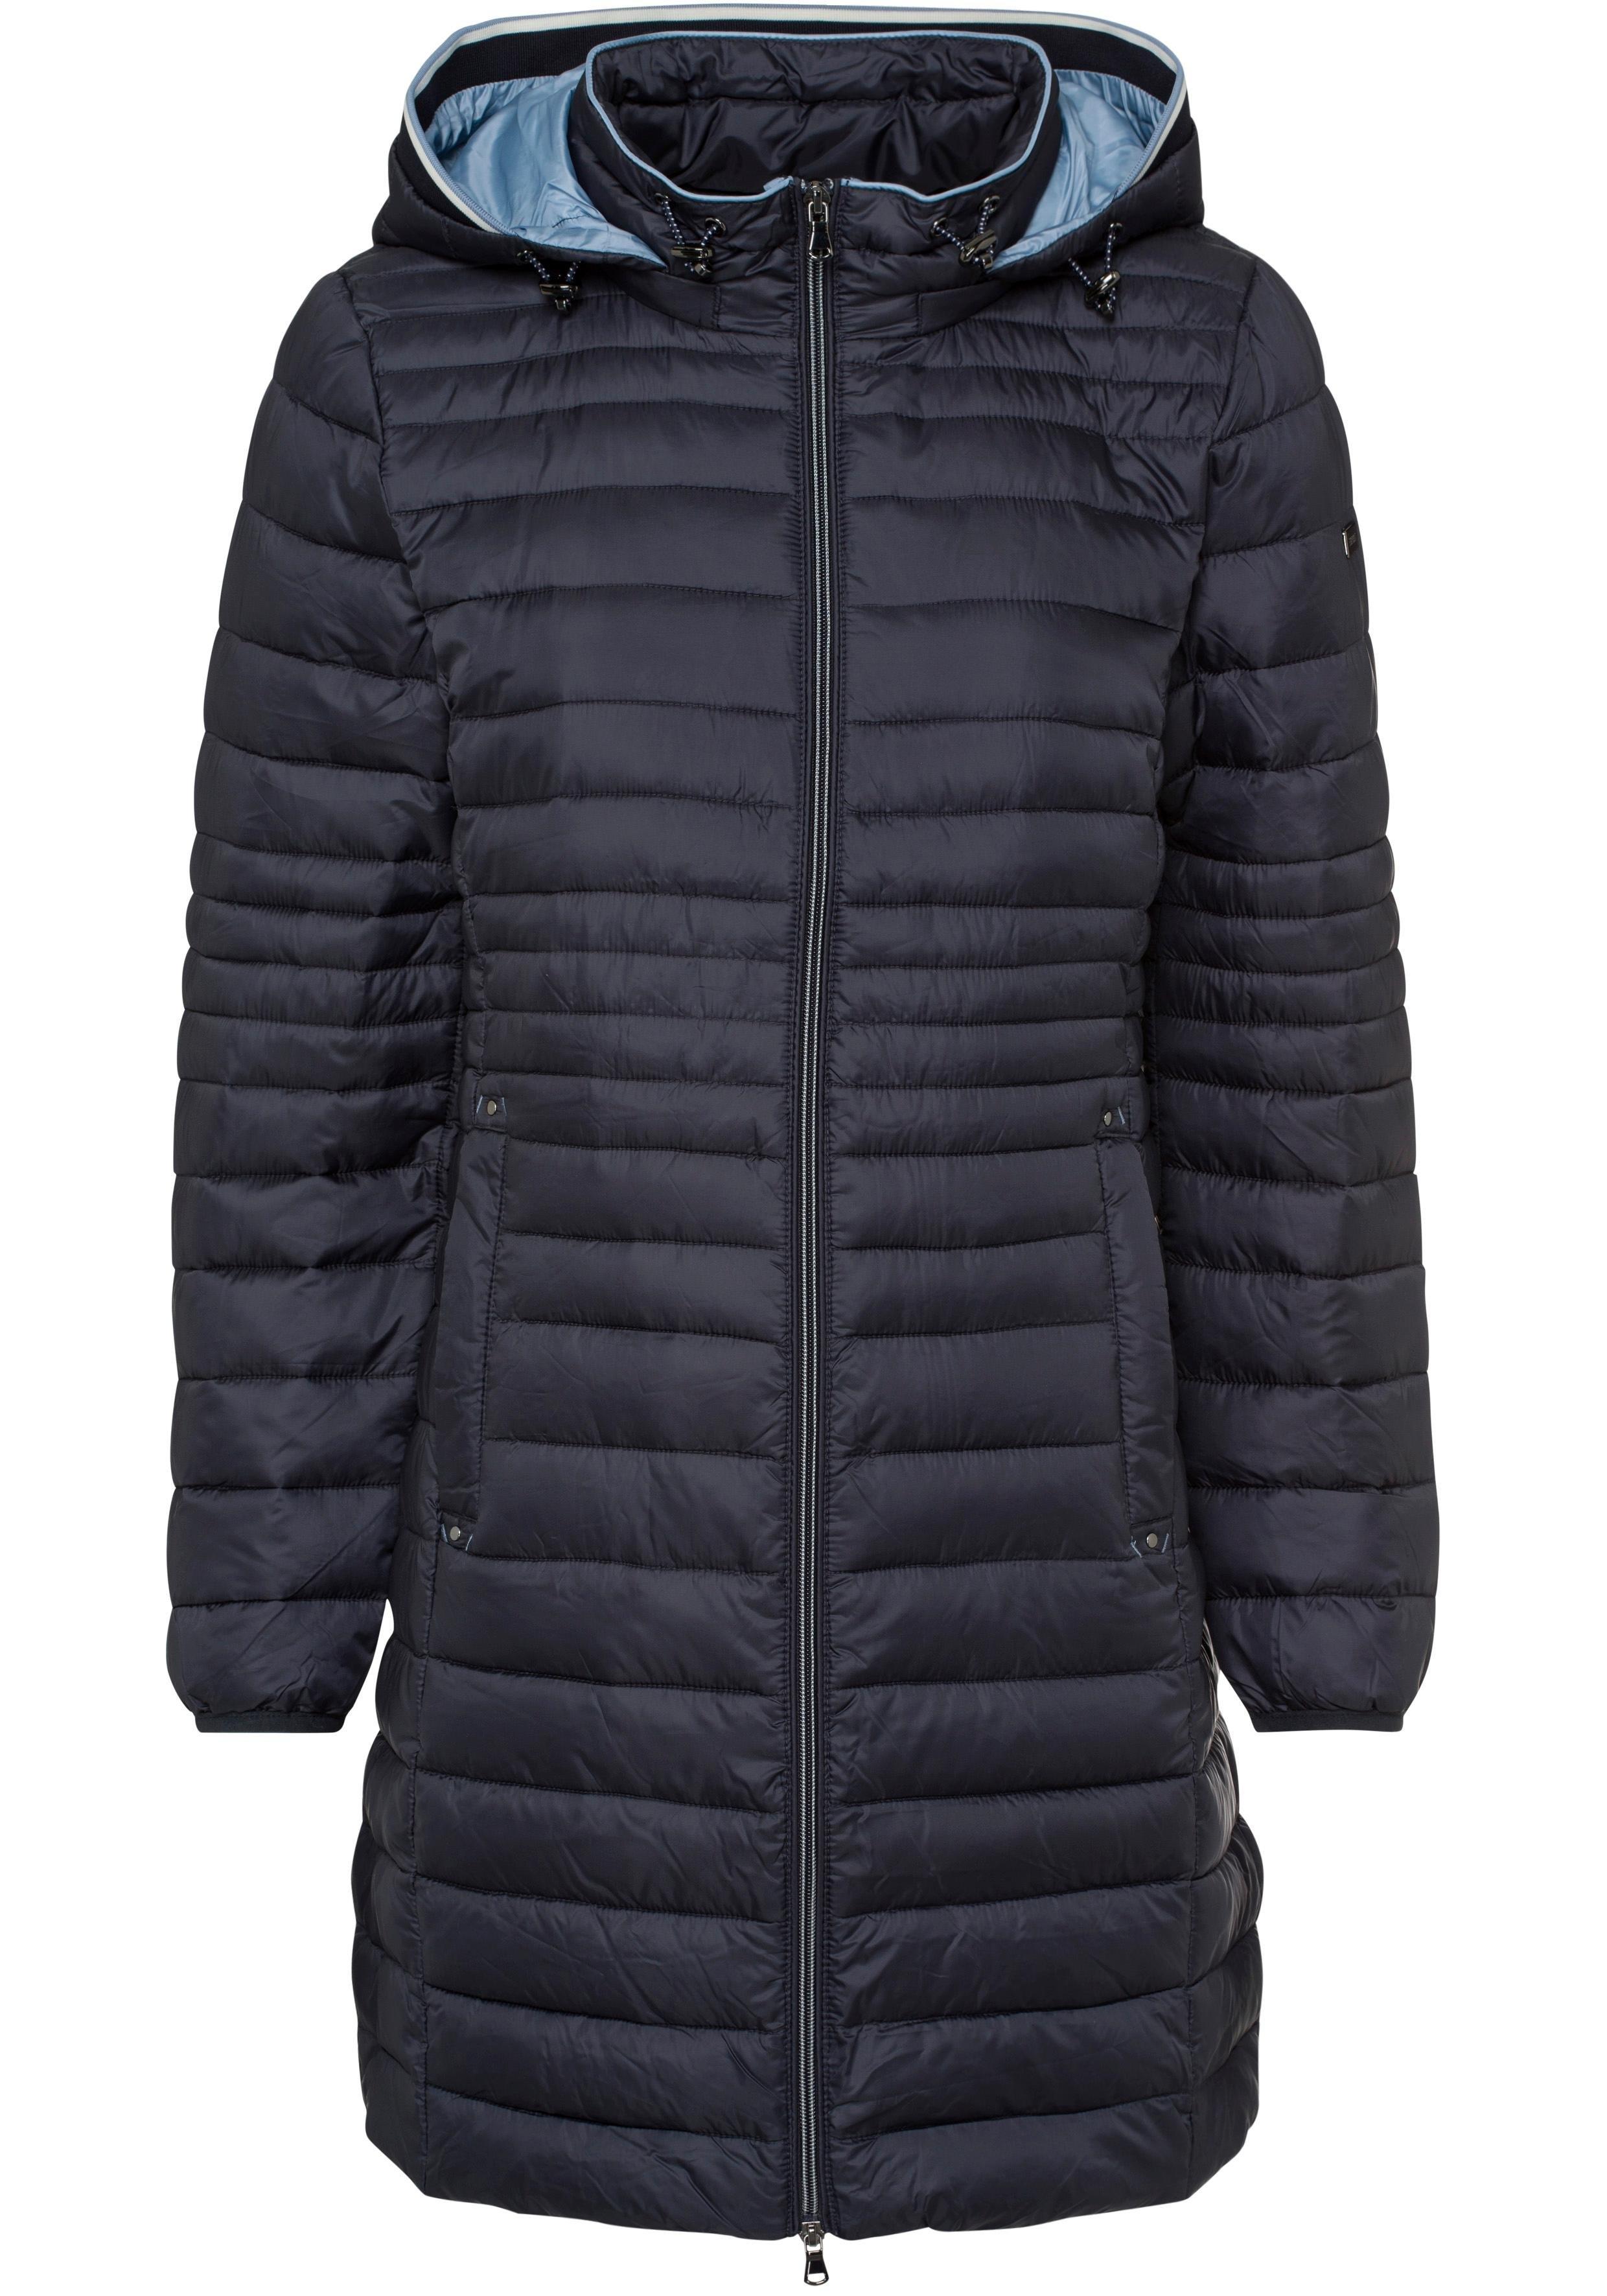 ESPRIT doorgestikte jas - gratis ruilen op otto.nl